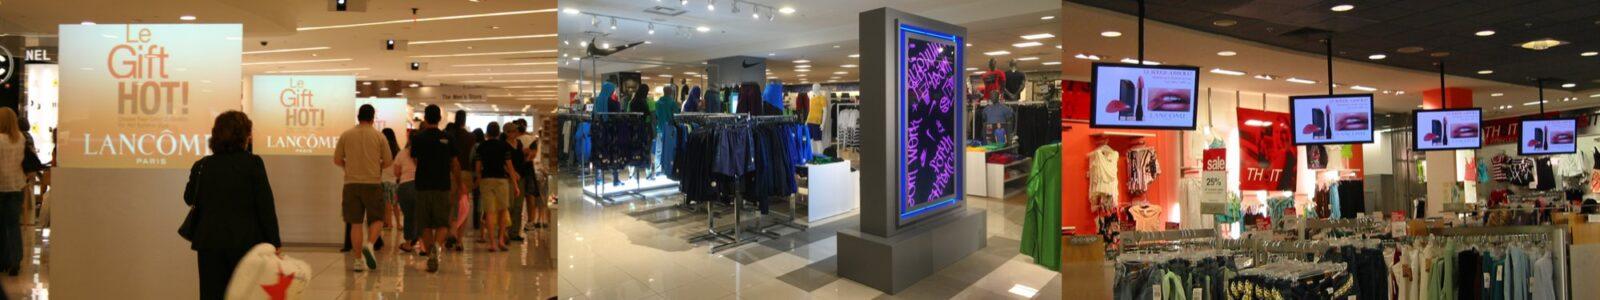 retail-stores-row-bg-1